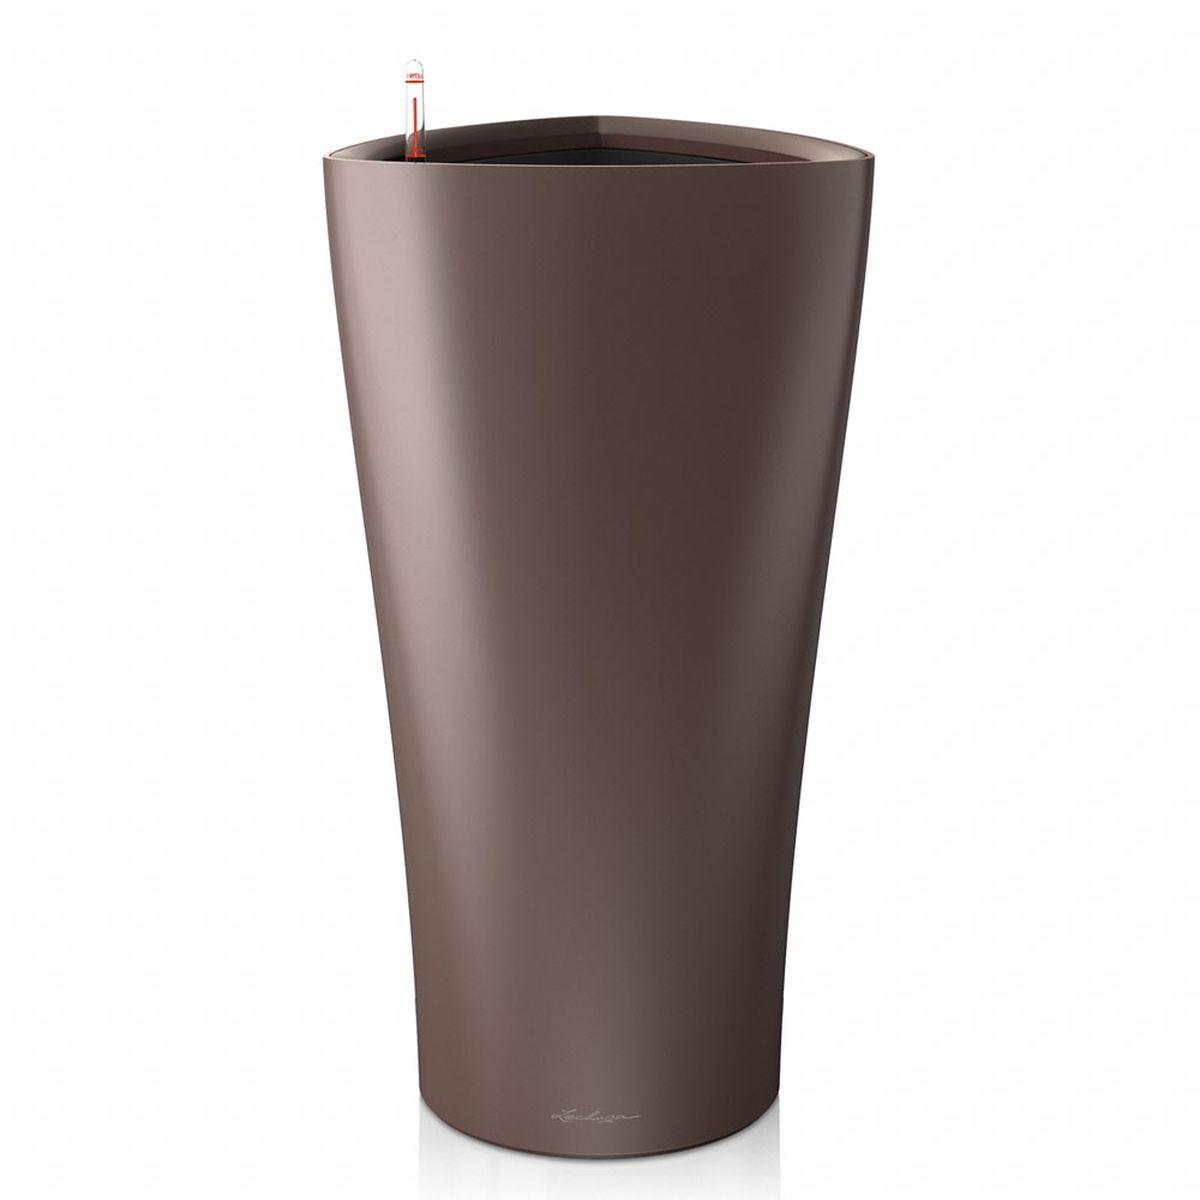 Кашпо с автополивом Lechuza Delta 30х56 см, эспрессо41623LECHUZA DELTA объединяет технологии и дизайн: спрятанная в кашпо плавной, органичной формы, система автополива LECHUZA, надежно обеспечивает Ваши растения водой.Особые преимущества:- Сменный внутренний горшок с системой автополива- Высокое, узкое кашпо в виде колонны- Устойчиво и стабильно